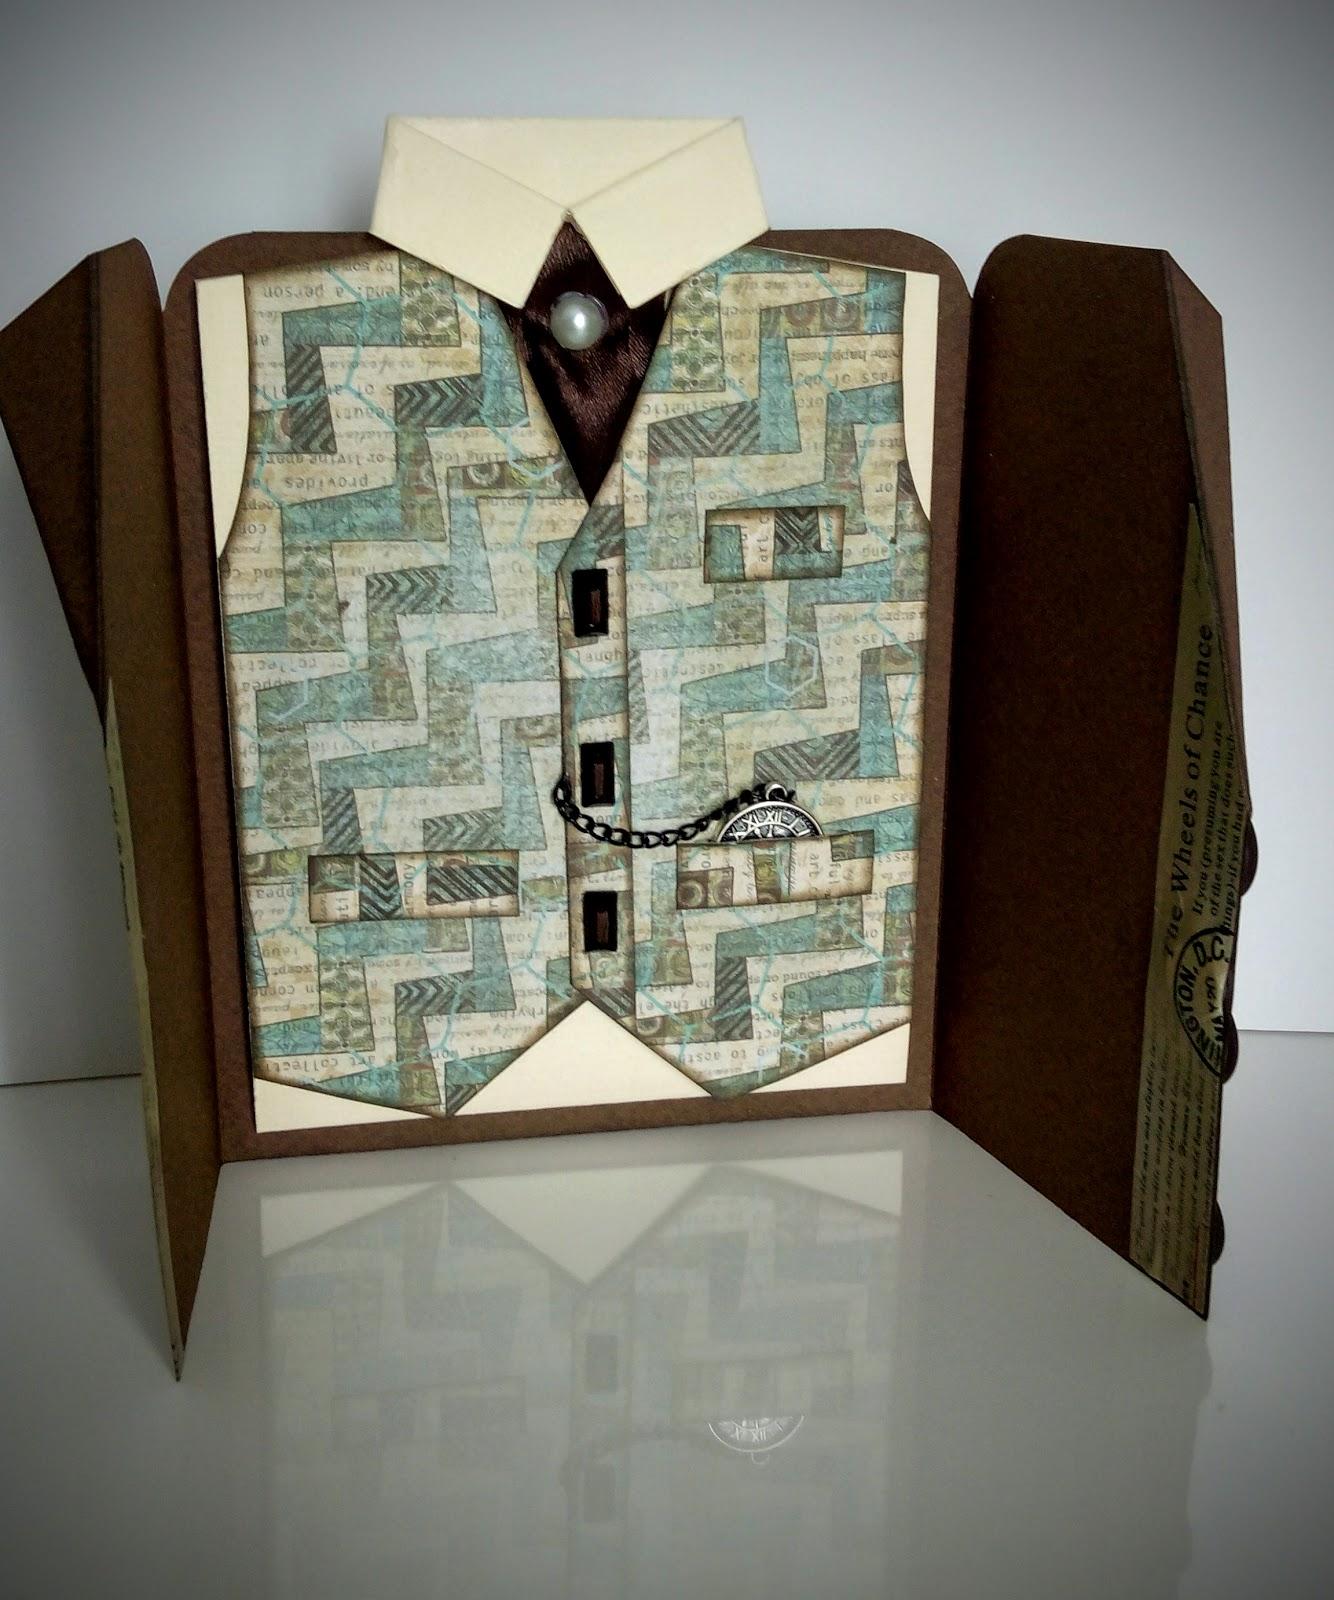 такие простые открытка пиджак и галстук внутри поздравление приобретения новой фобии